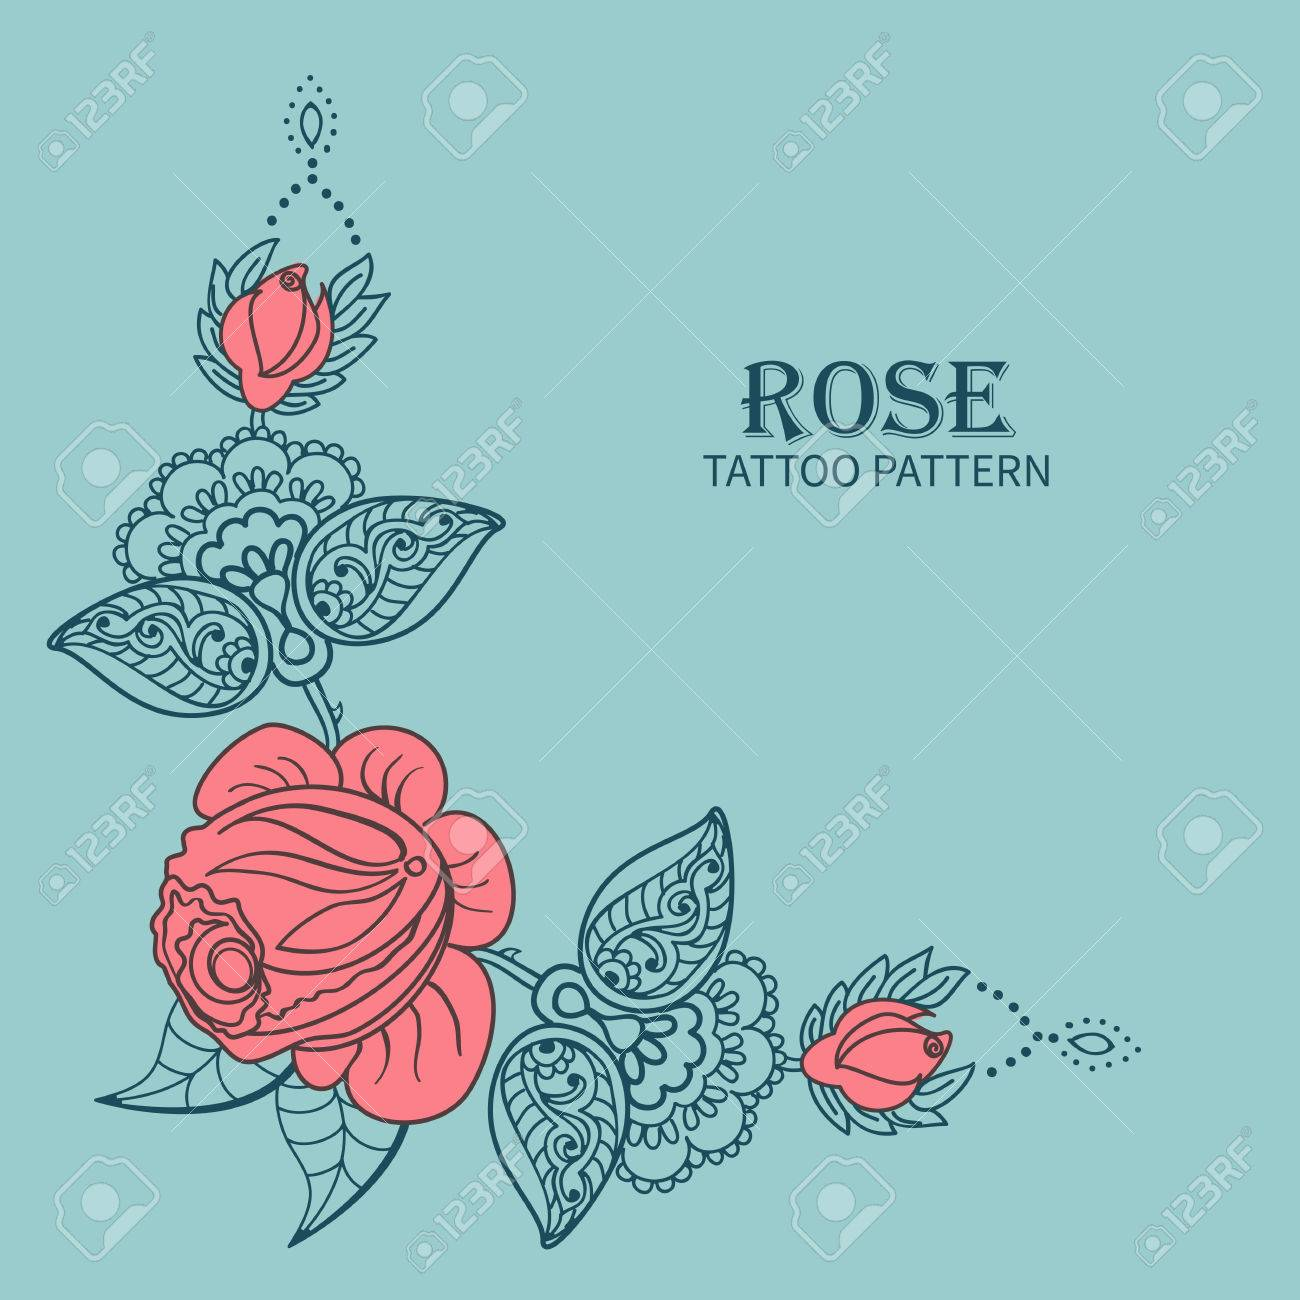 Tire Par La Main Rose Ornement D Elements Floraux Pour Tatouage Au